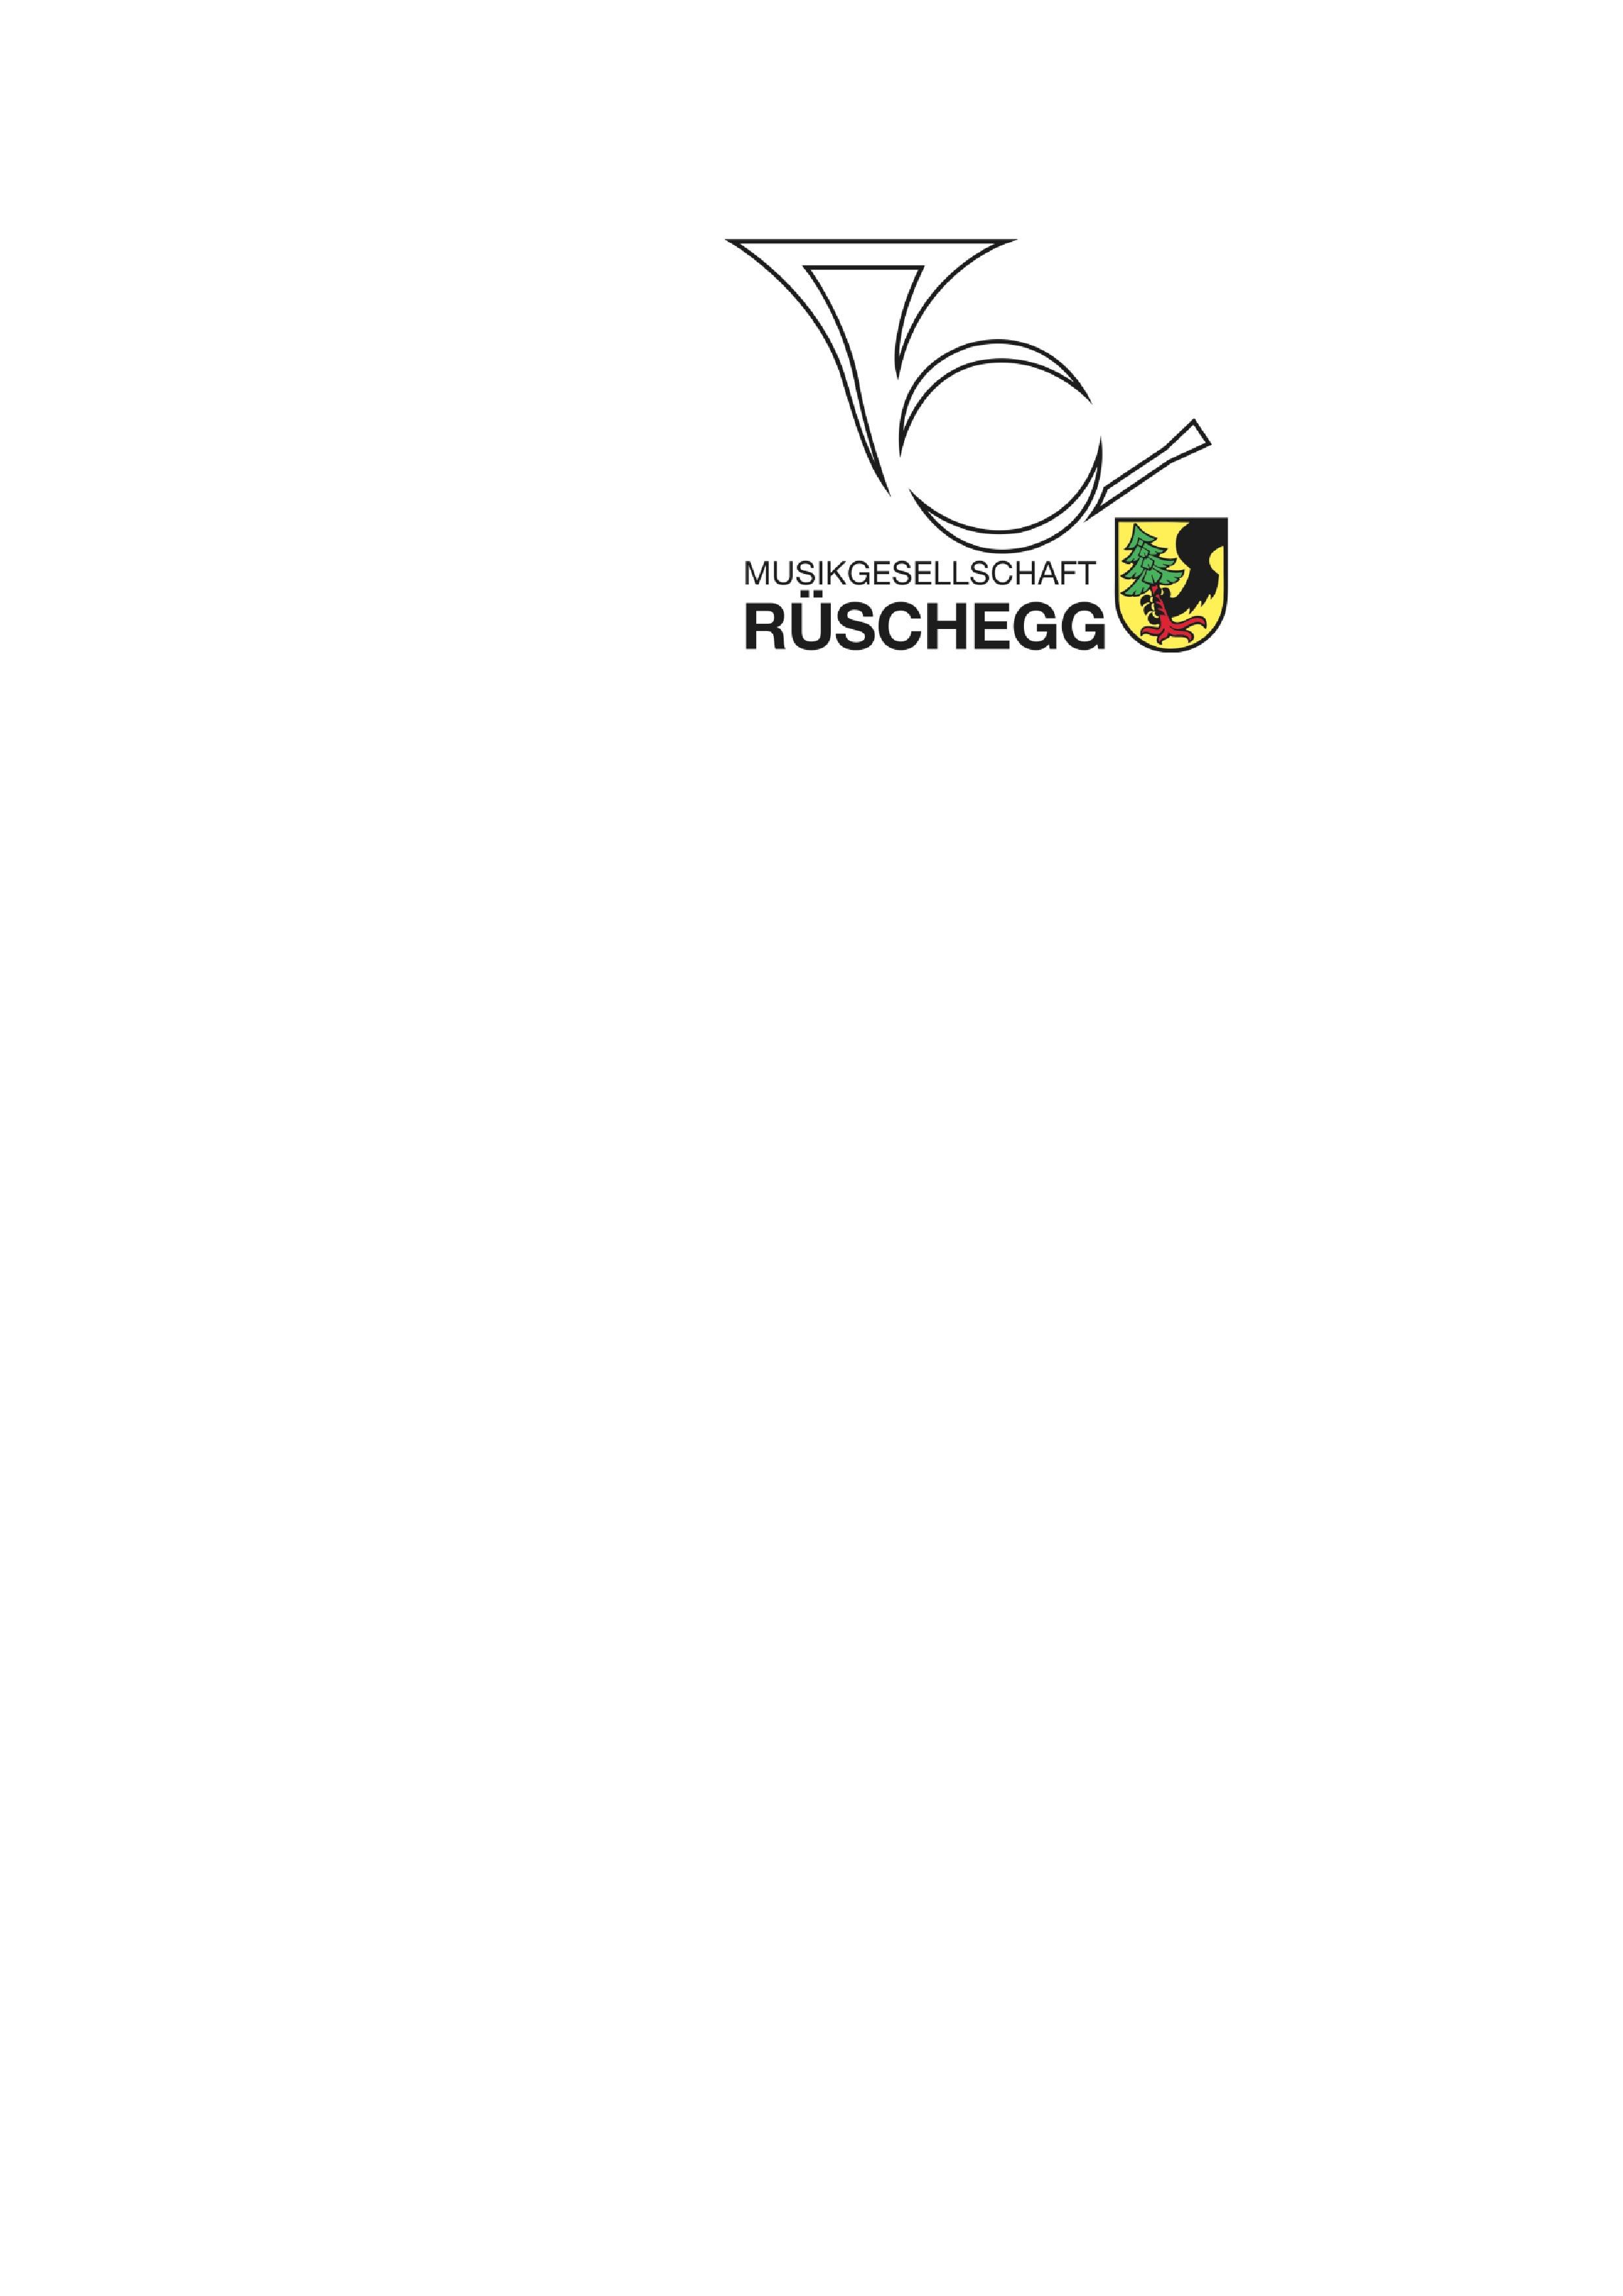 Musikgesellschaft Rüschegg